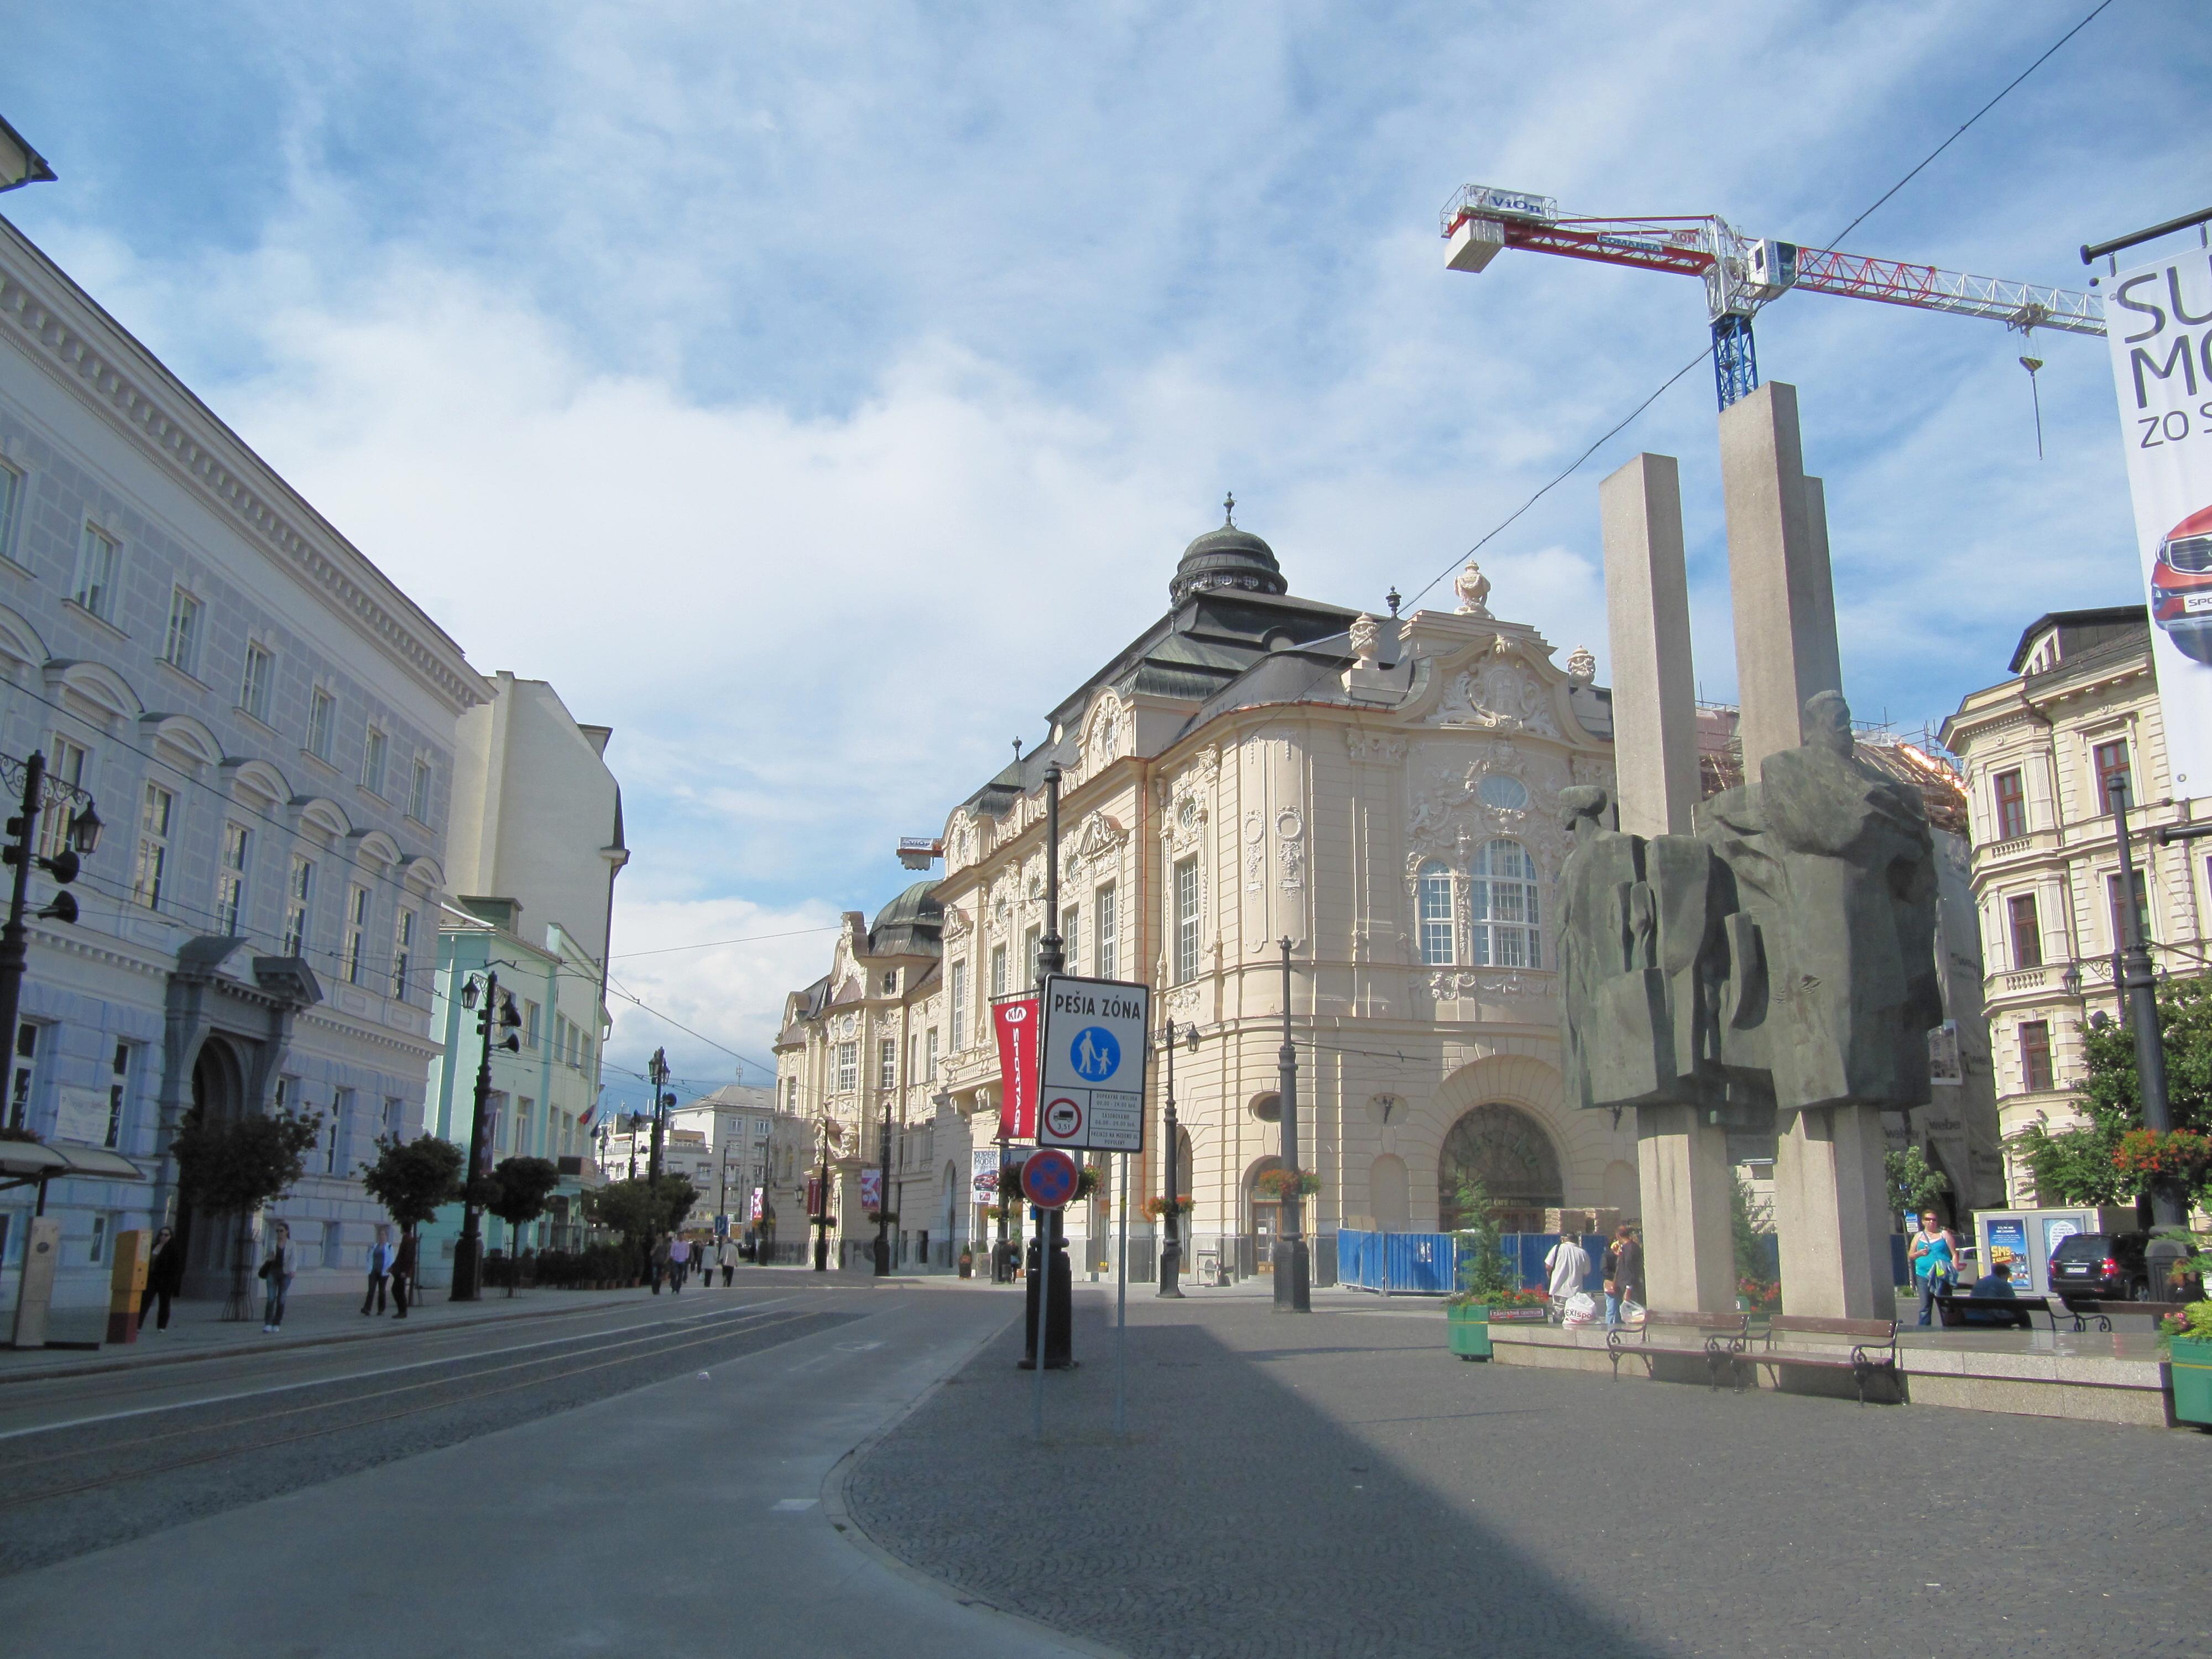 b6c4da796 File:Bratislava, námestie Ľudovíta Štúra.jpg - Wikimedia Commons